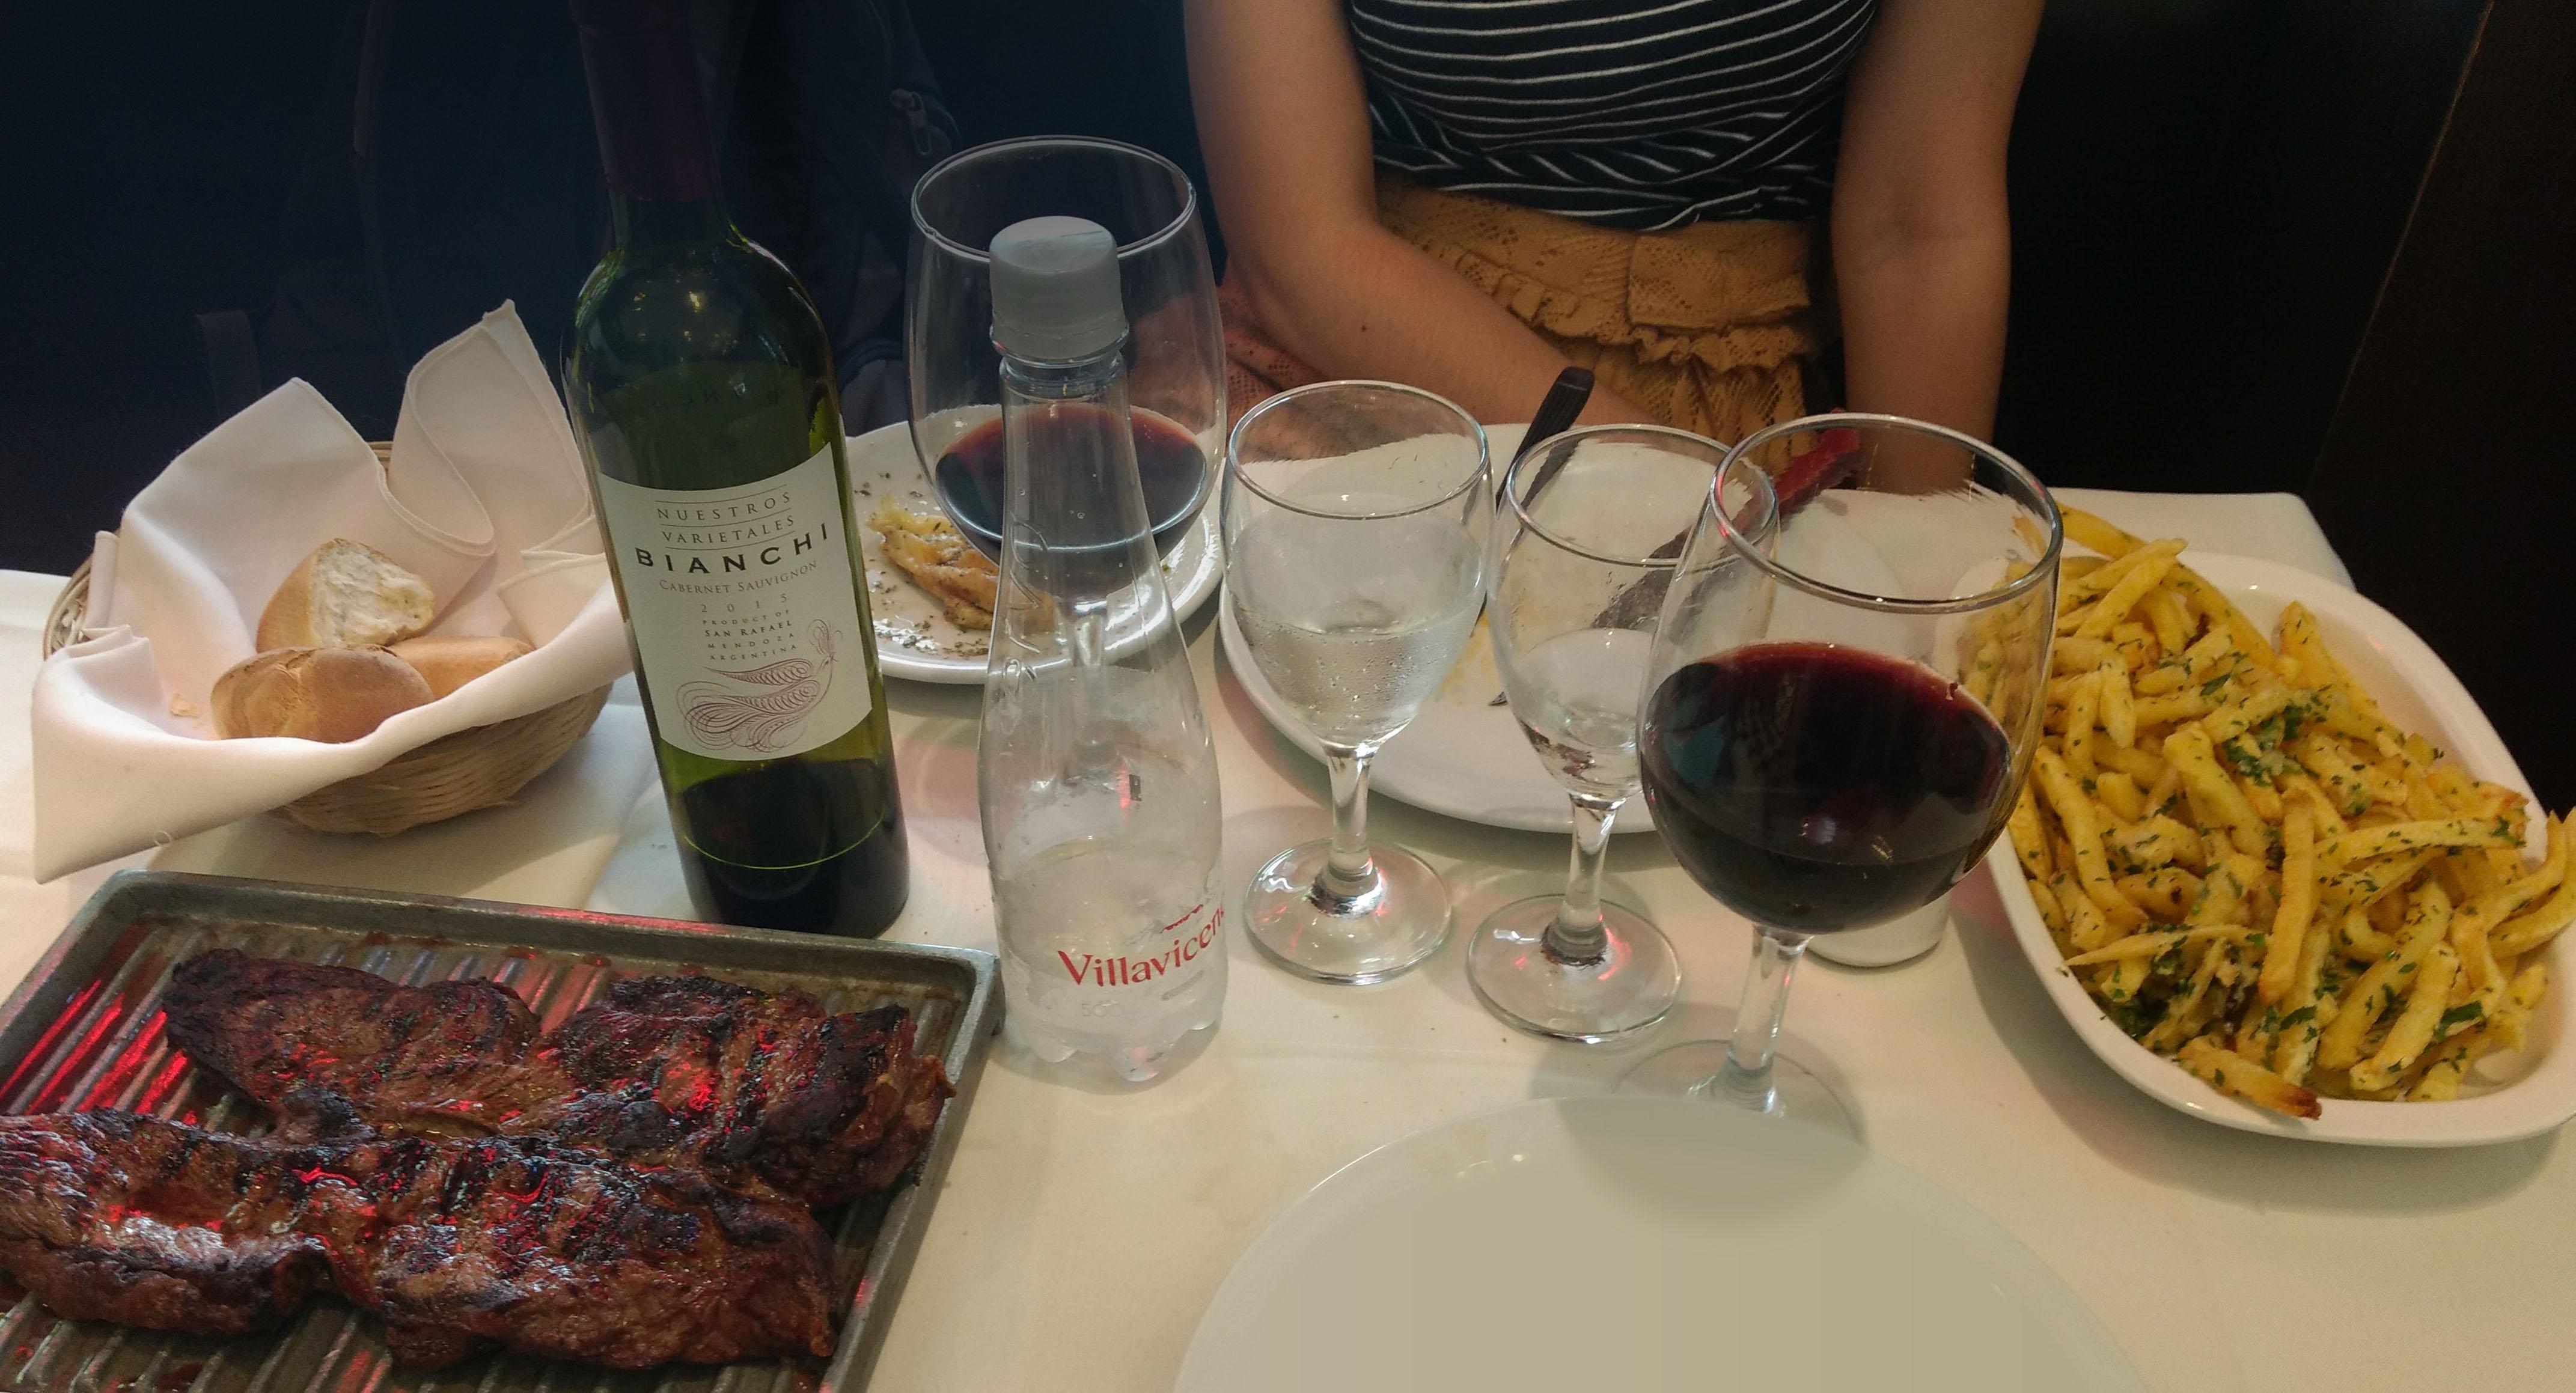 Restaurante com Parrilla Argentino - 24 Horas em Buenos Aires